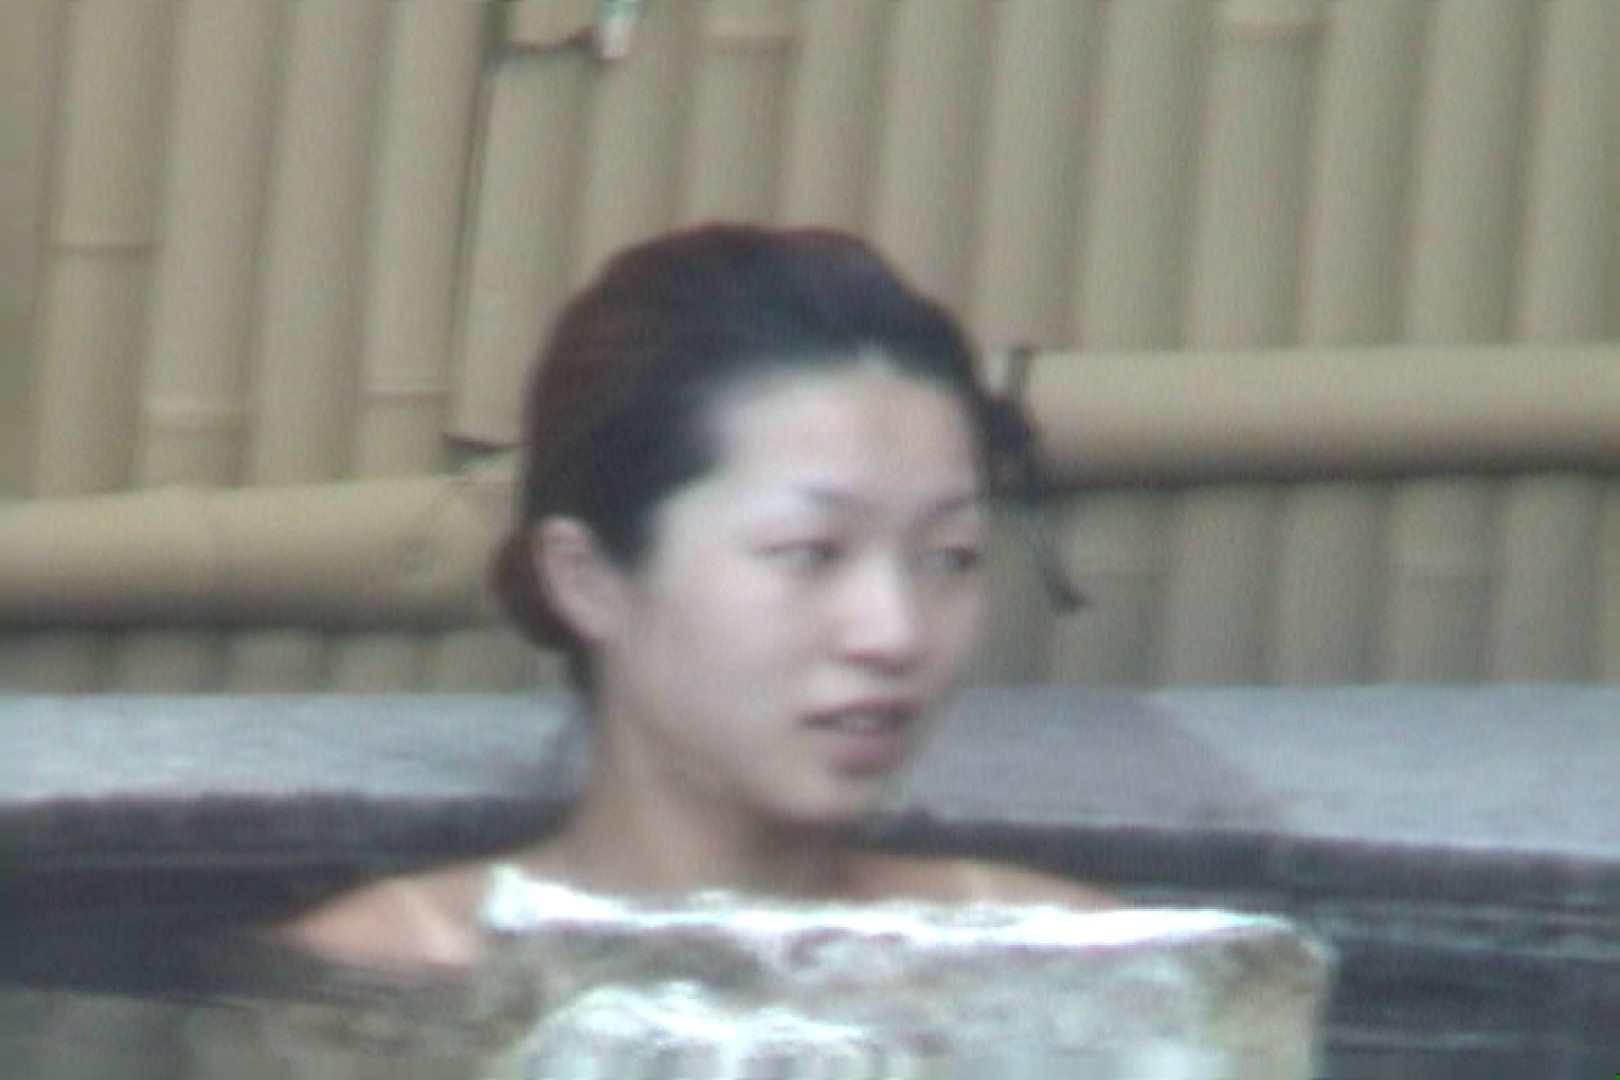 Aquaな露天風呂Vol.571 盗撮師作品 セックス無修正動画無料 99pic 5